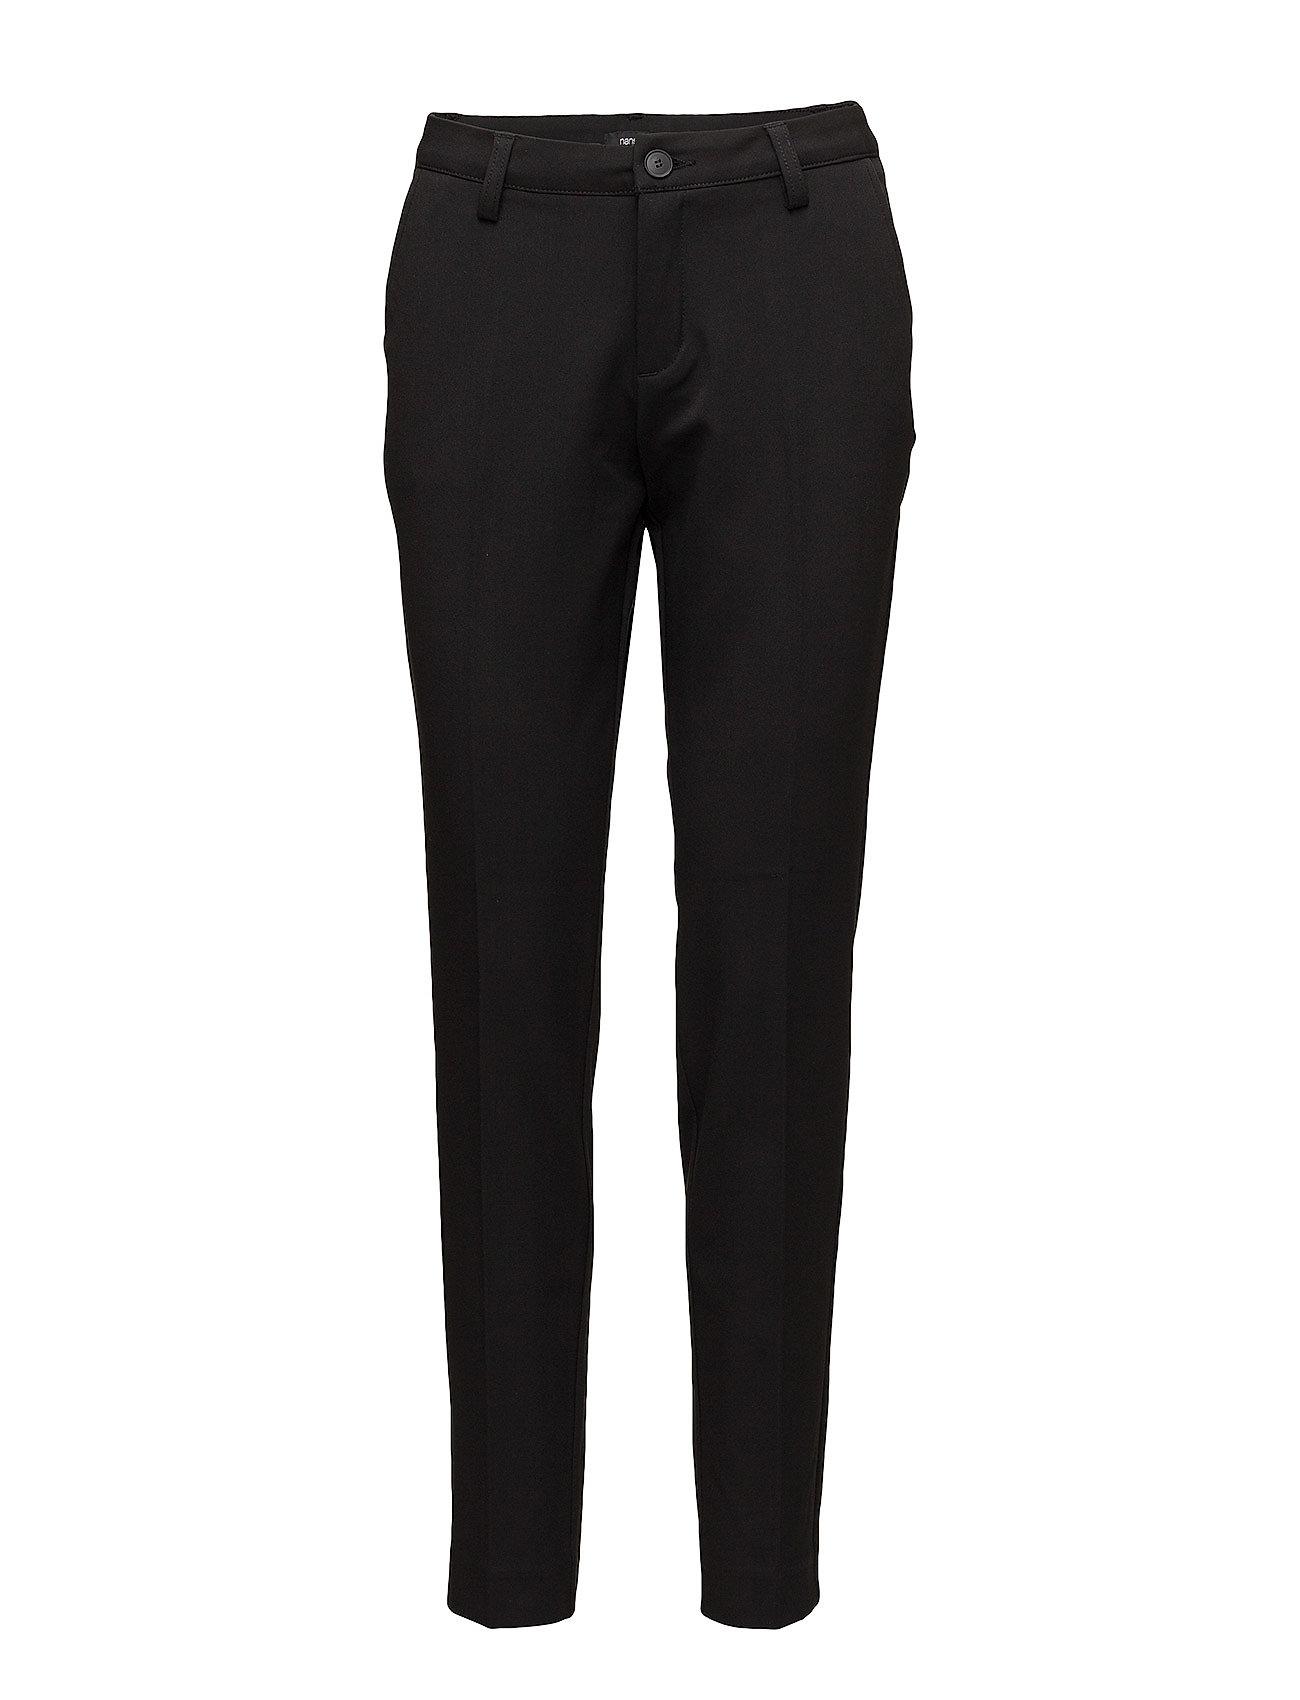 Nanso Ladies trousers, Juttu - BLACK